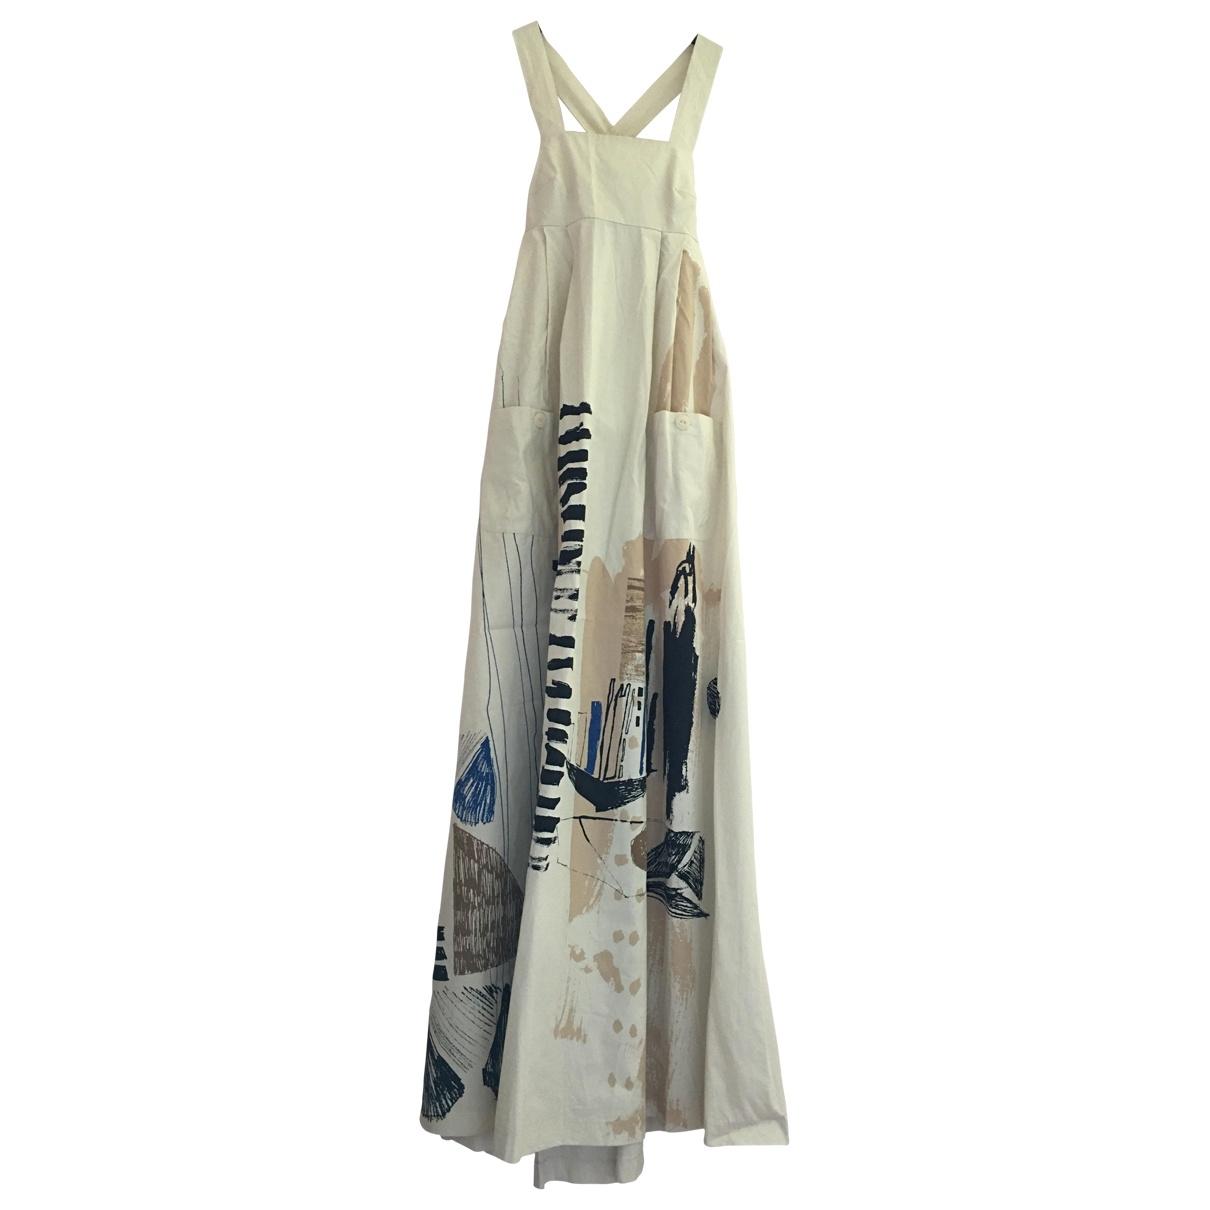 H&m Studio \N Kleid in  Beige Baumwolle